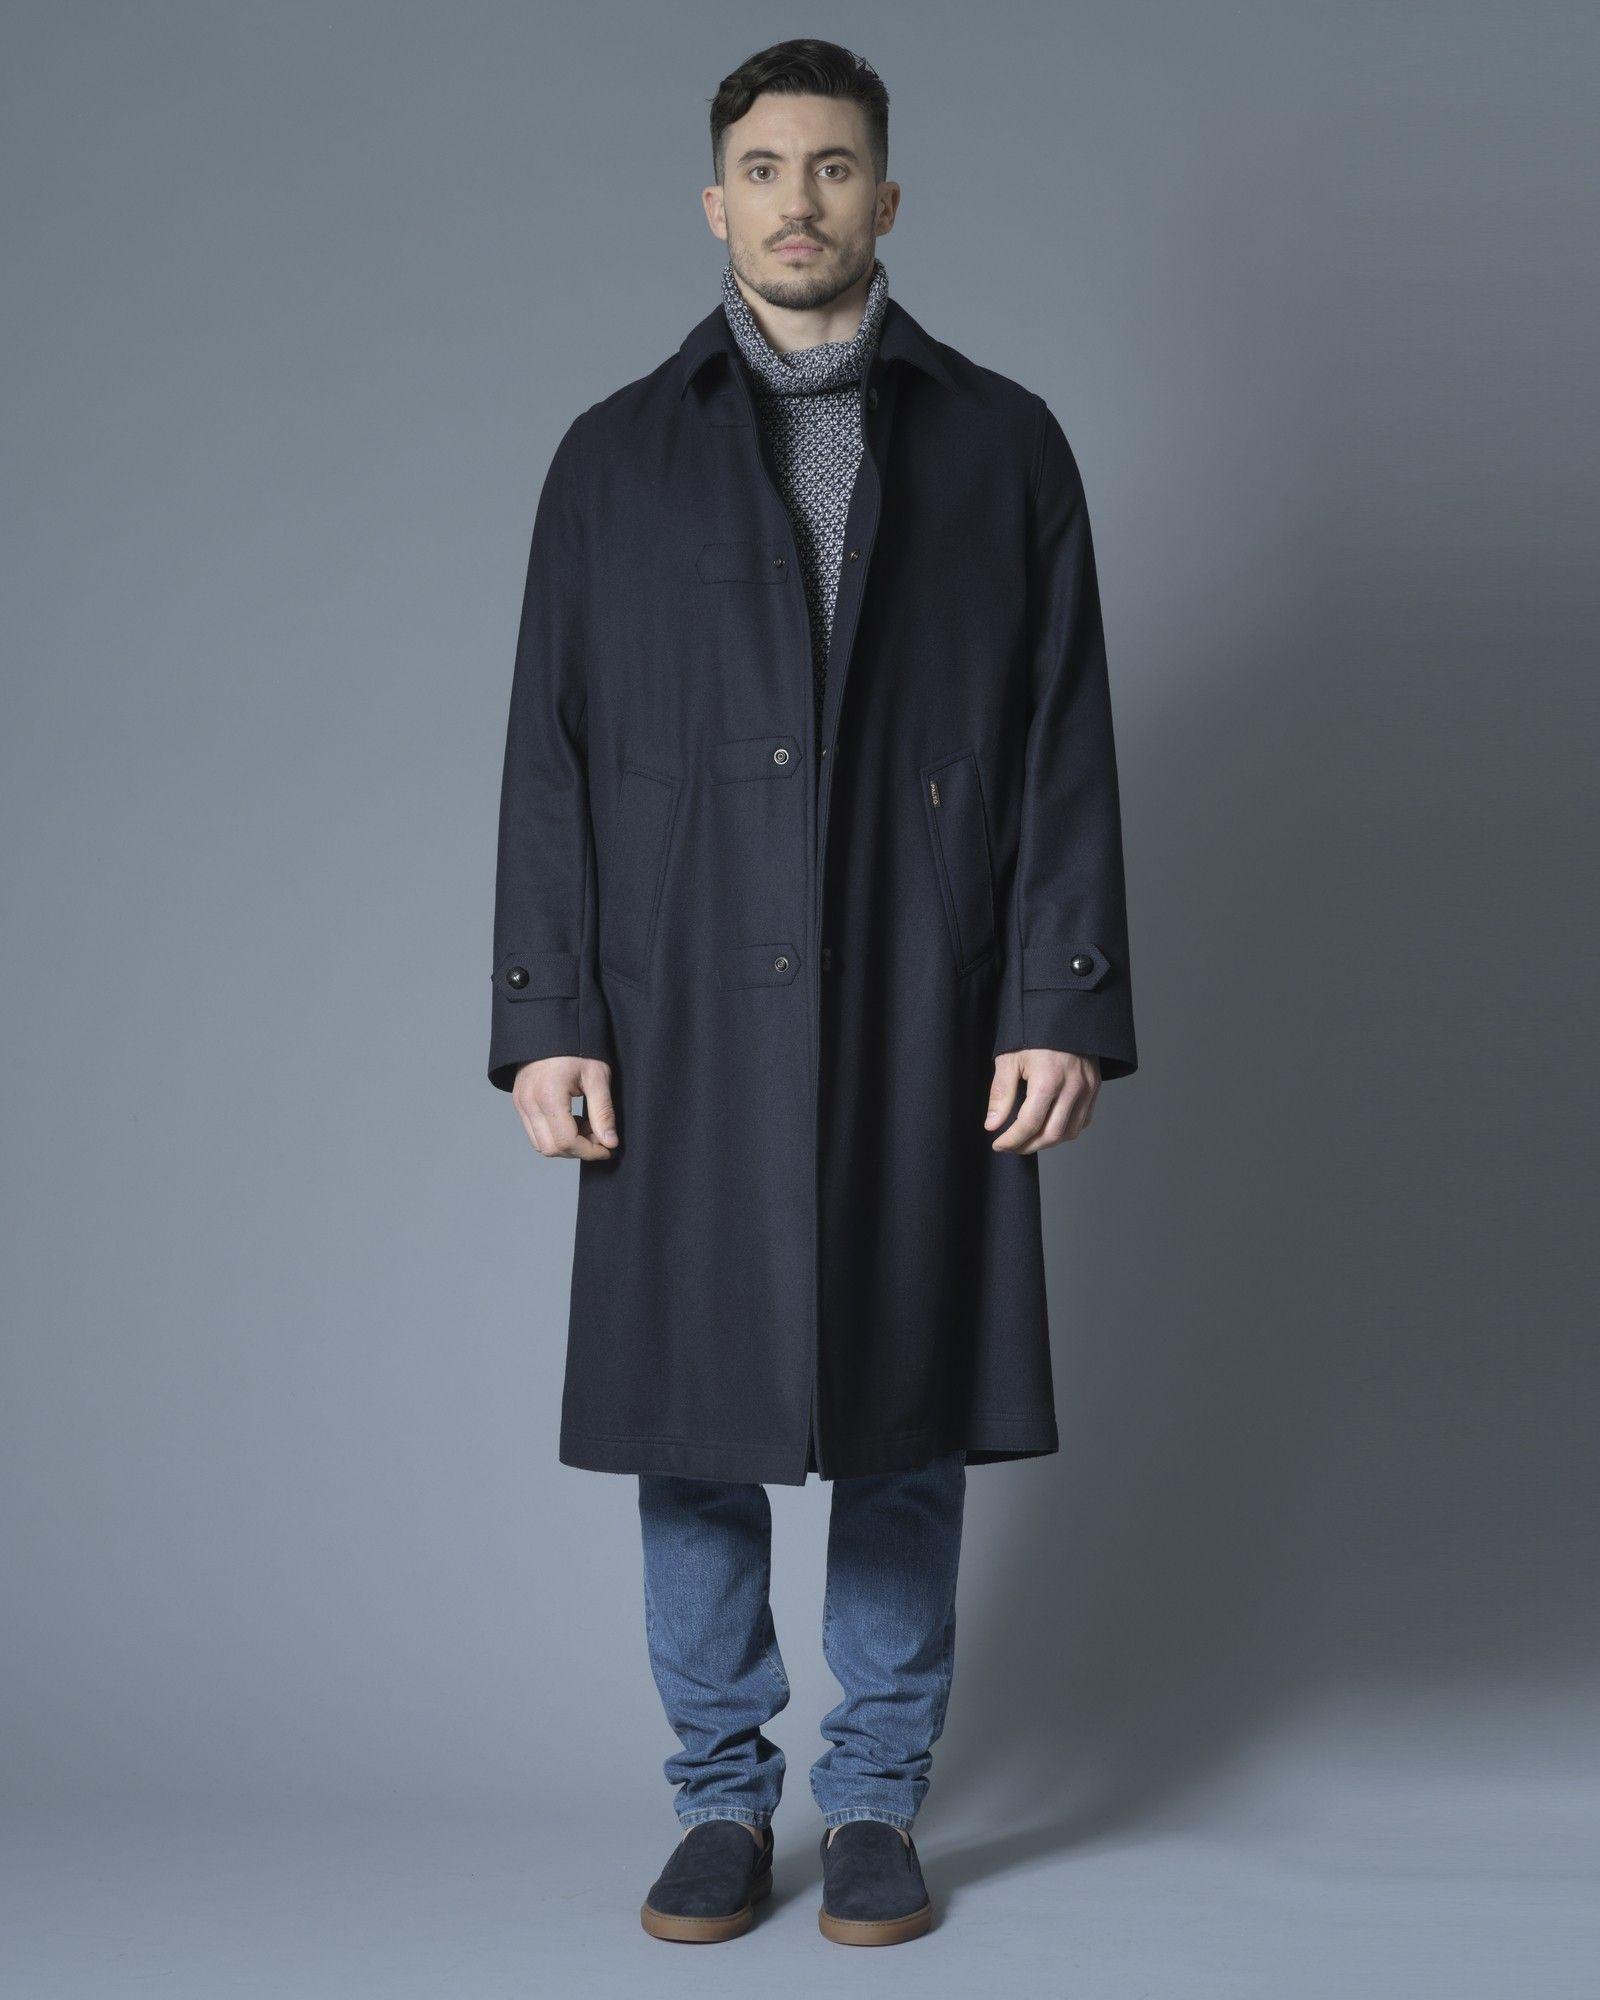 Manteau en laine bleu marine Palto